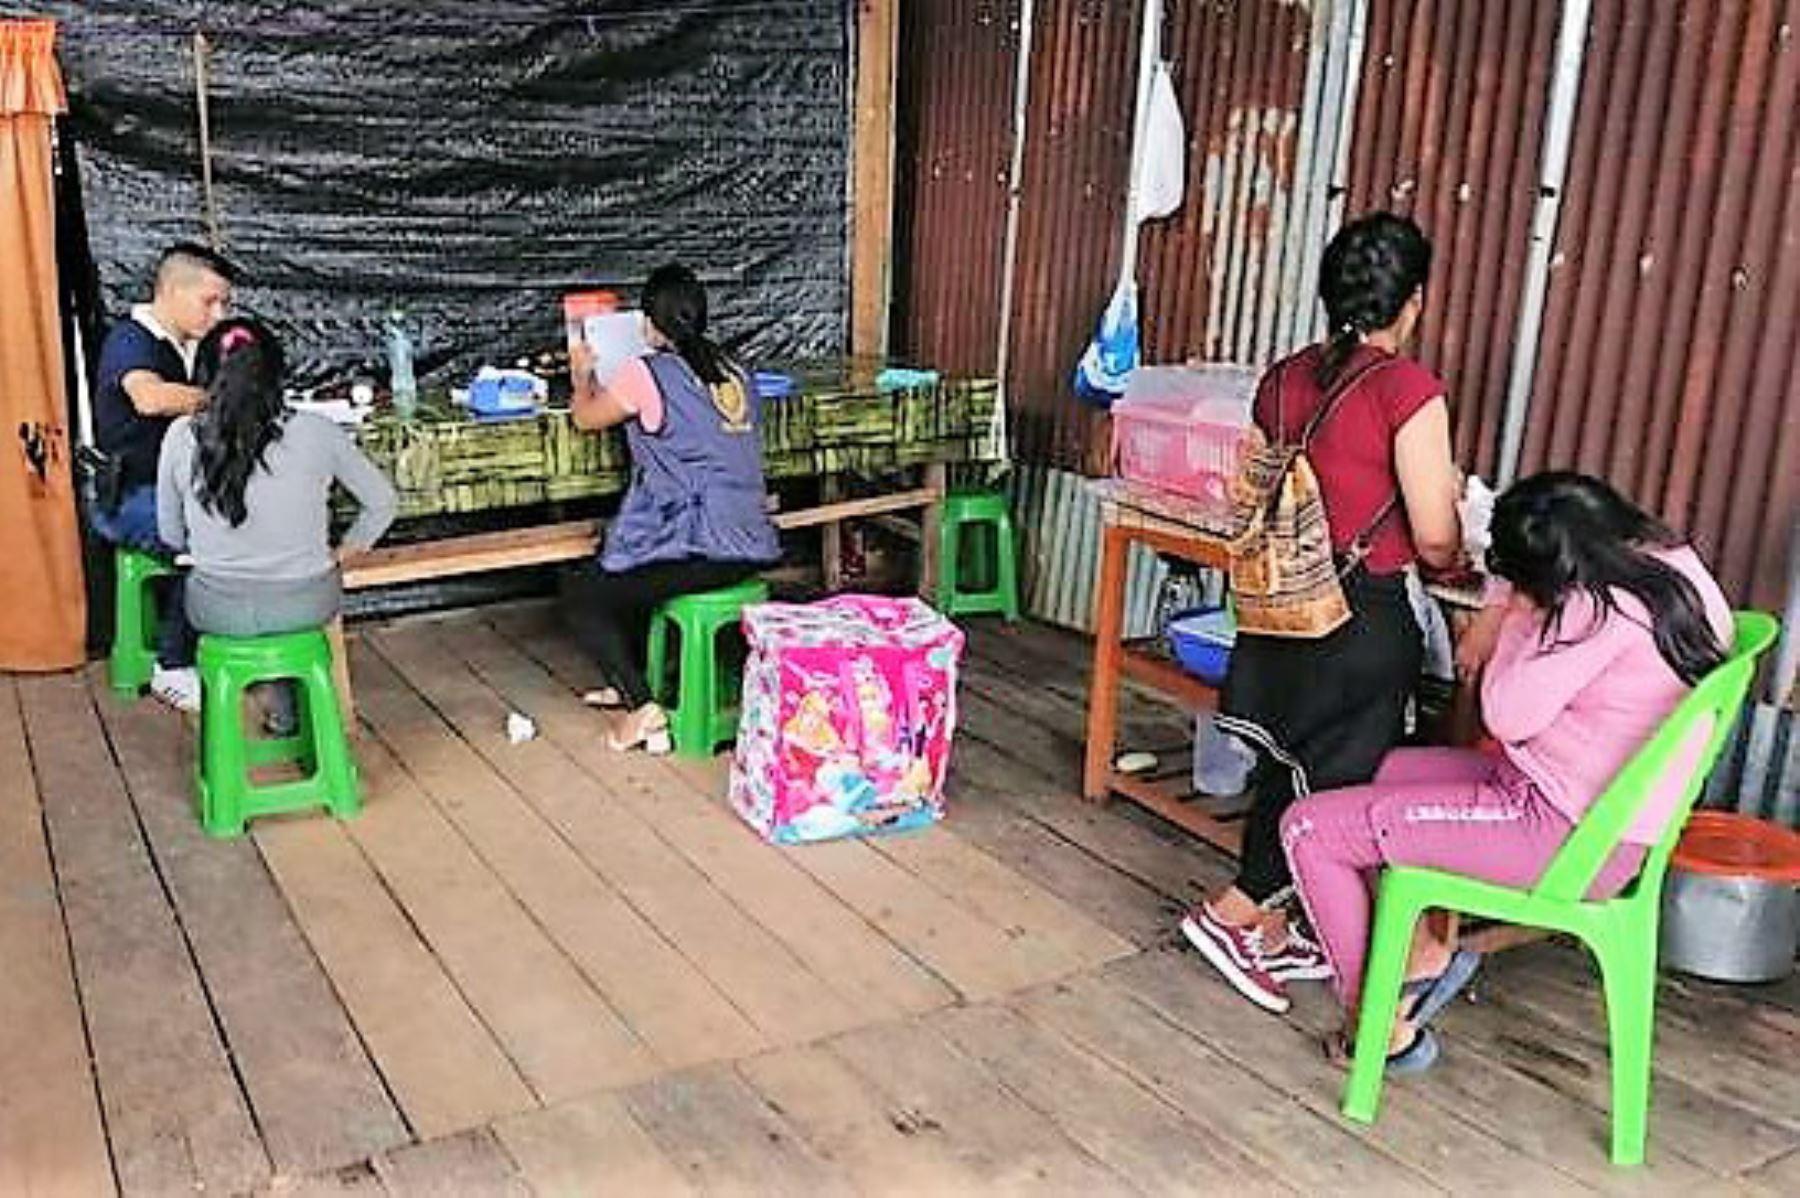 Intervenciones para prevenir el delito de trata de personas en la región Madre de Dios. Foto: ANDINA/Difusión